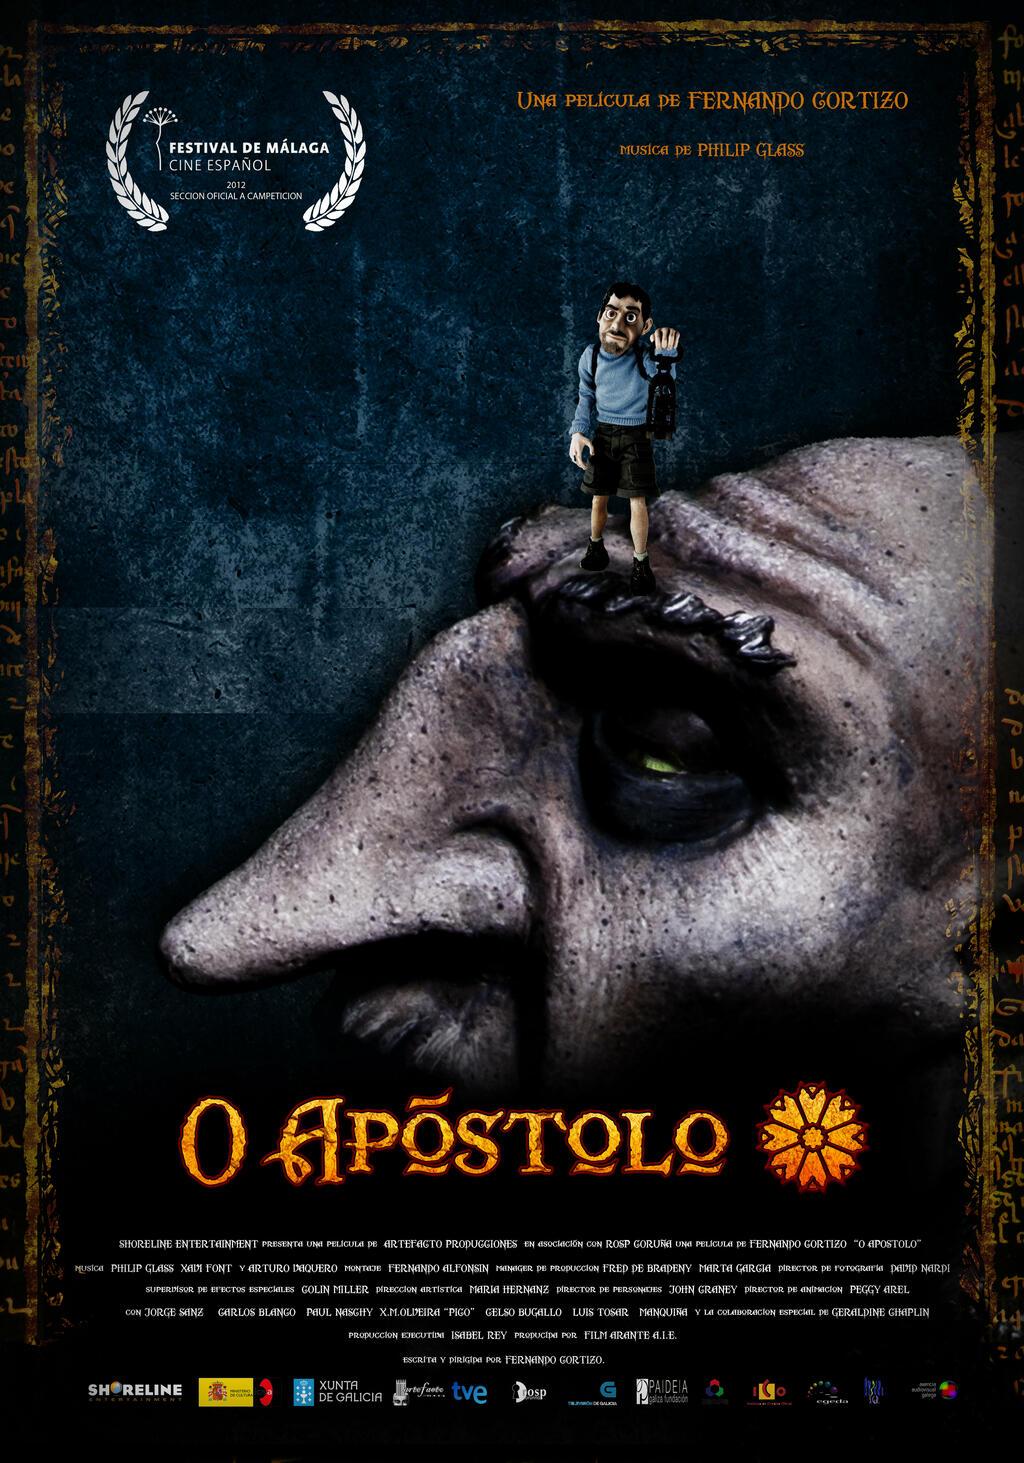 O Apóstolo